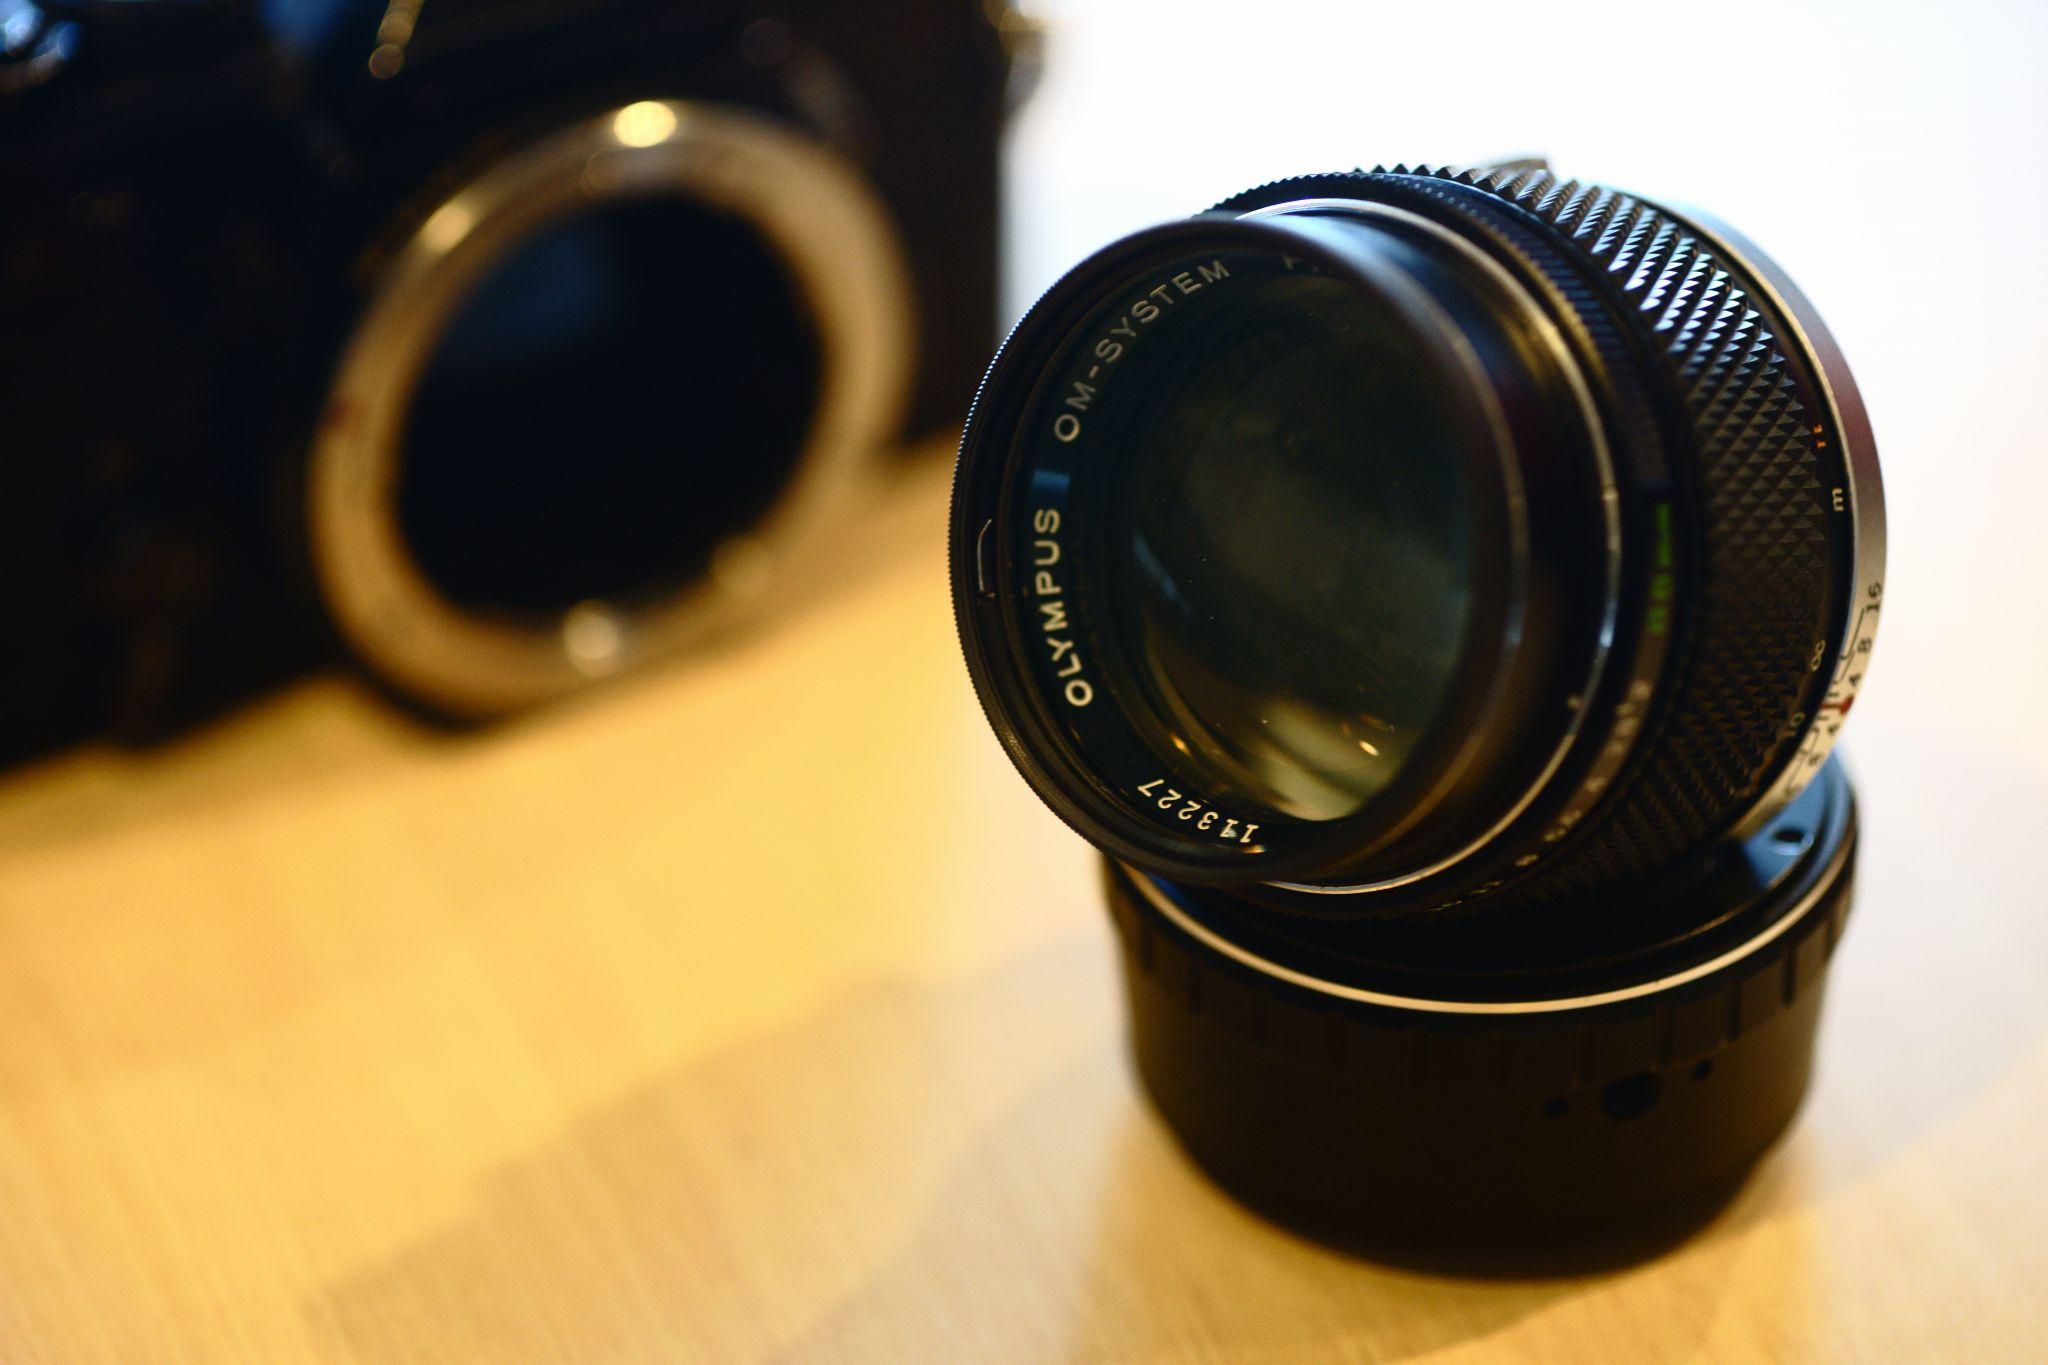 Zuiko 85mm F2